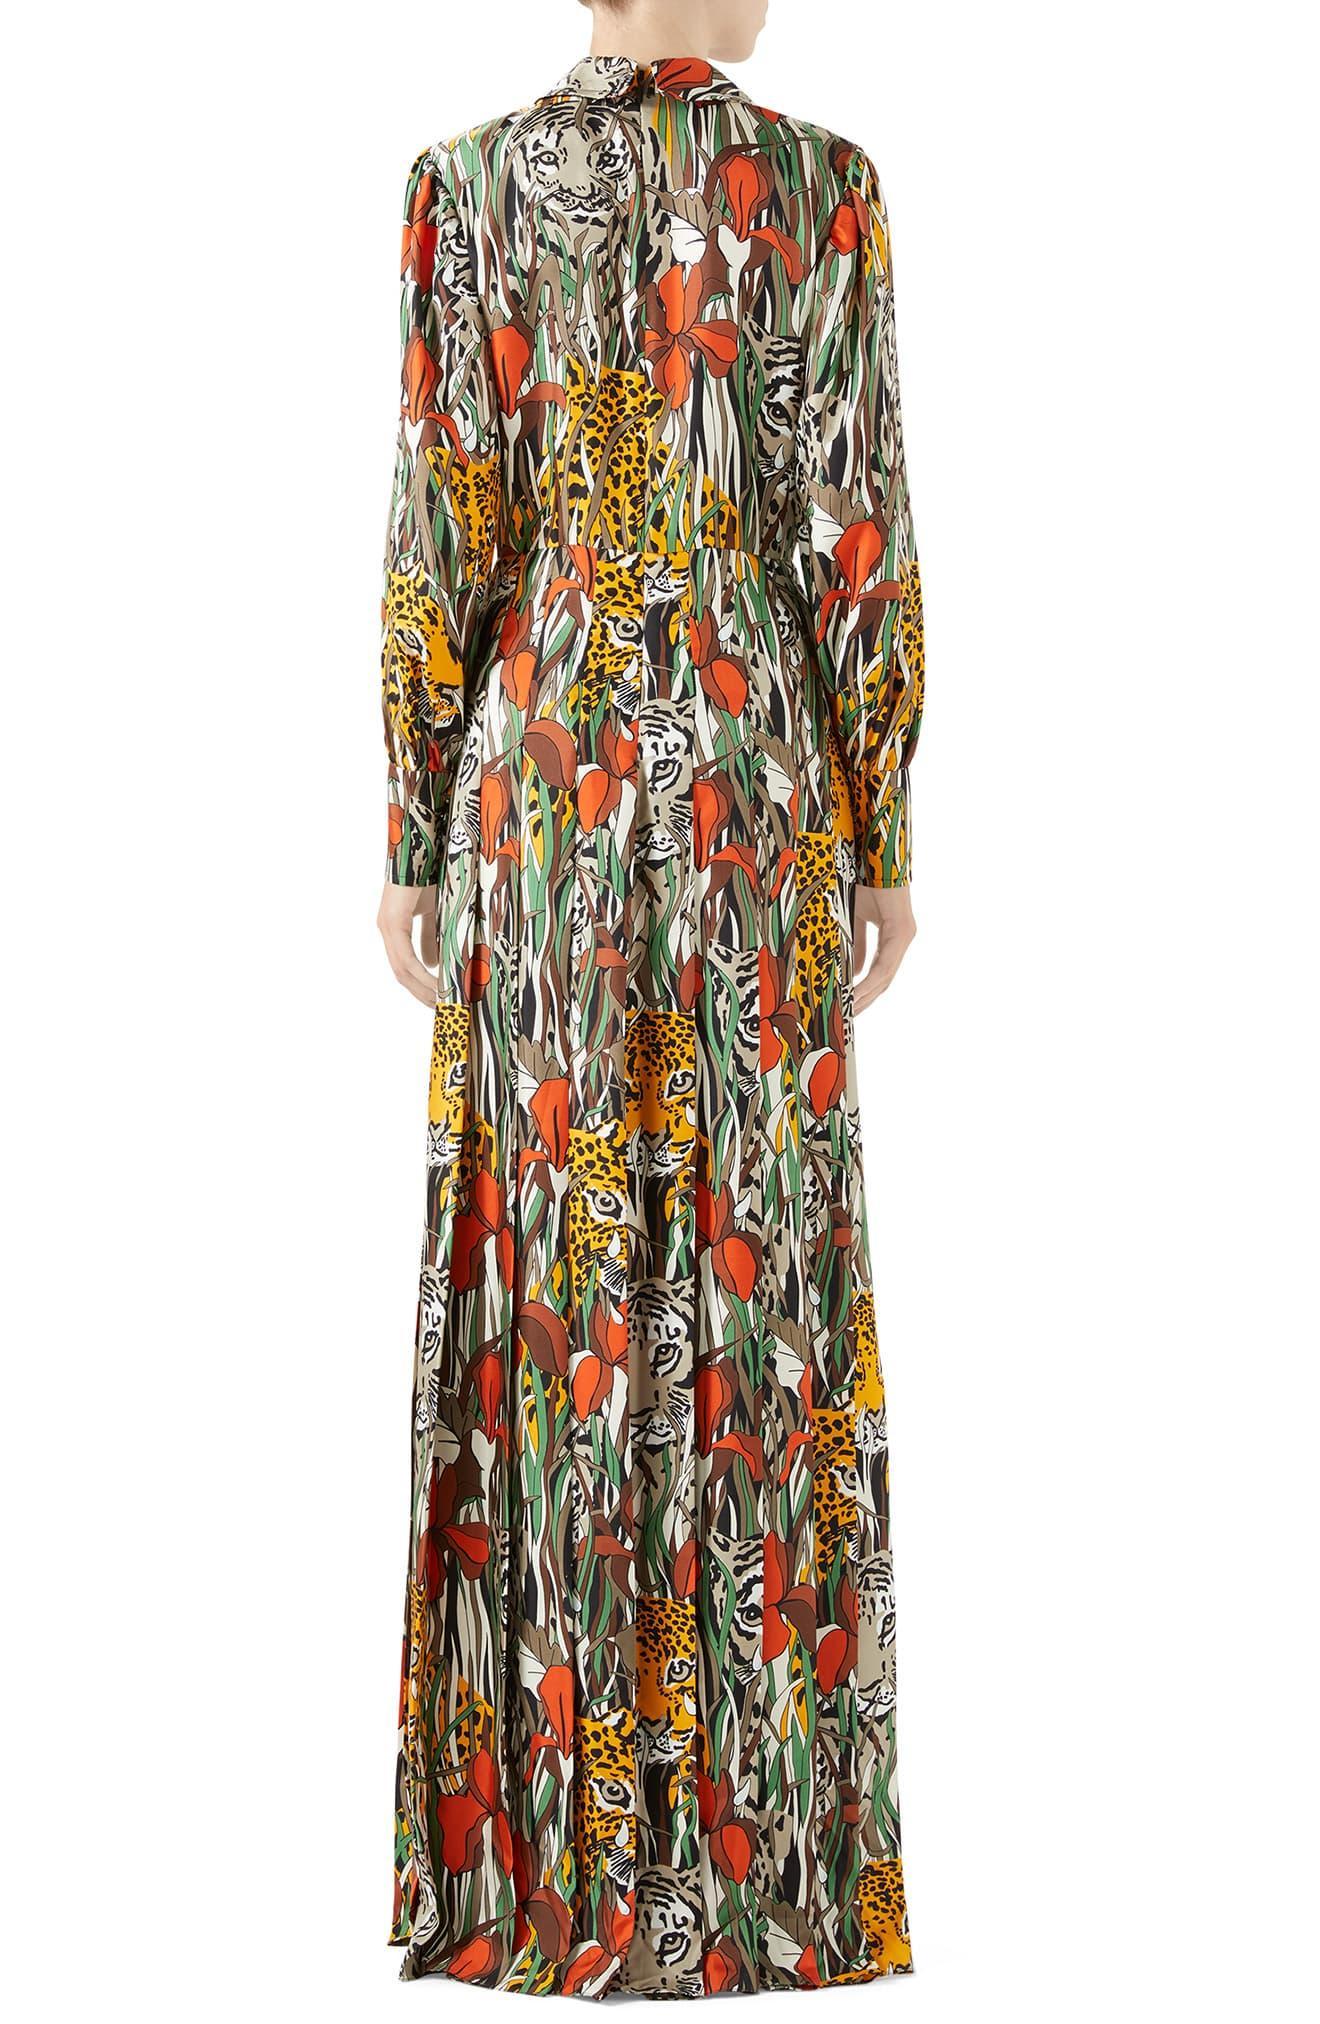 dd9f8fecacca Gucci - Multicolor Feline Garden Print Long Sleeve Silk Dress - Lyst. View  fullscreen